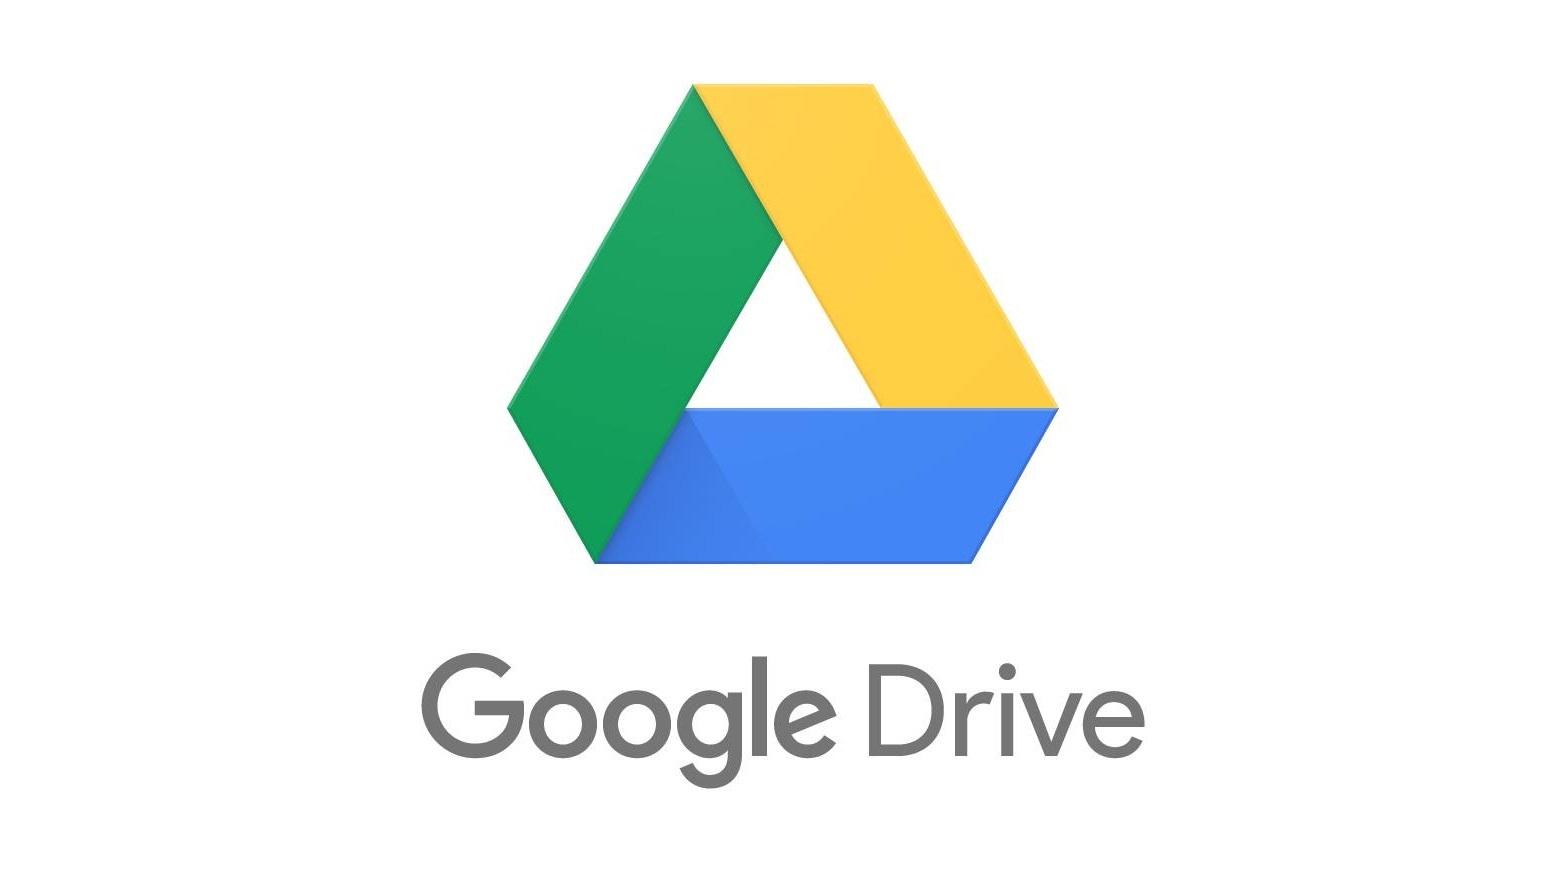 Il logo di Google Drive, un celebre cloud storage